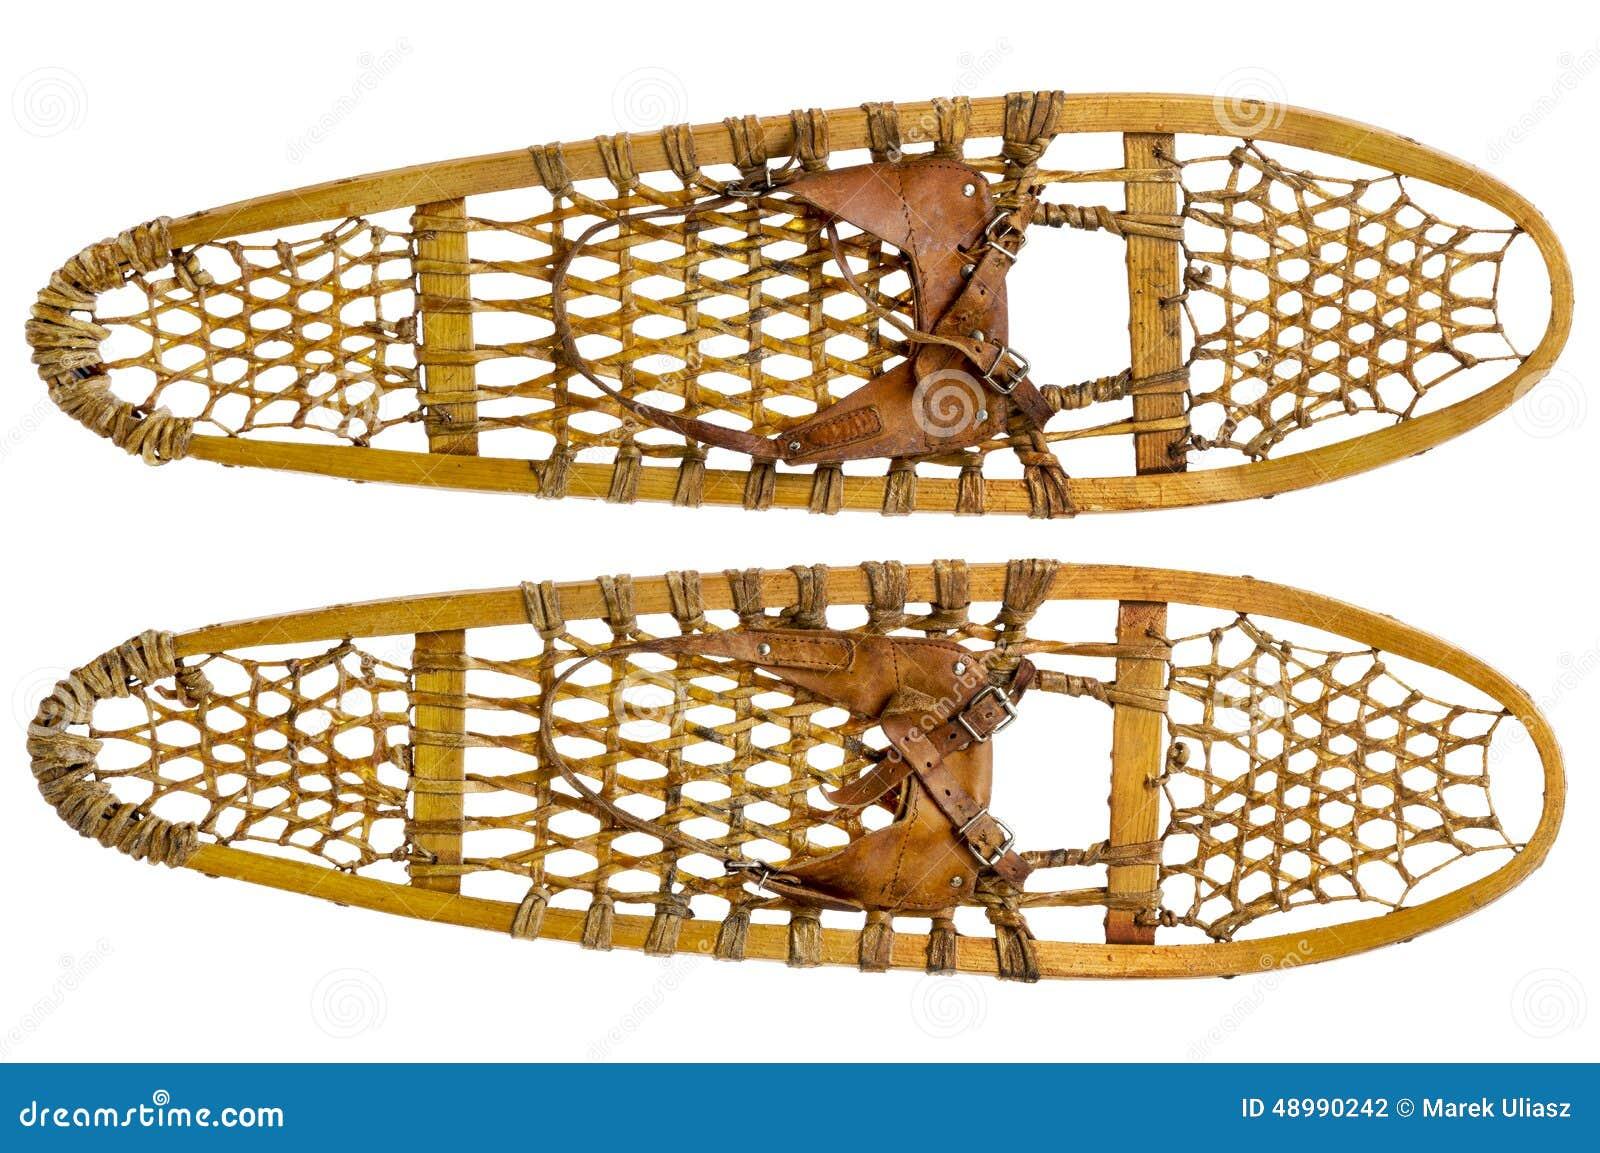 3b11cf63a Um par de sapatos de neve de madeira da pata de urso do vintage com o  emperramento de couro isolado no branco